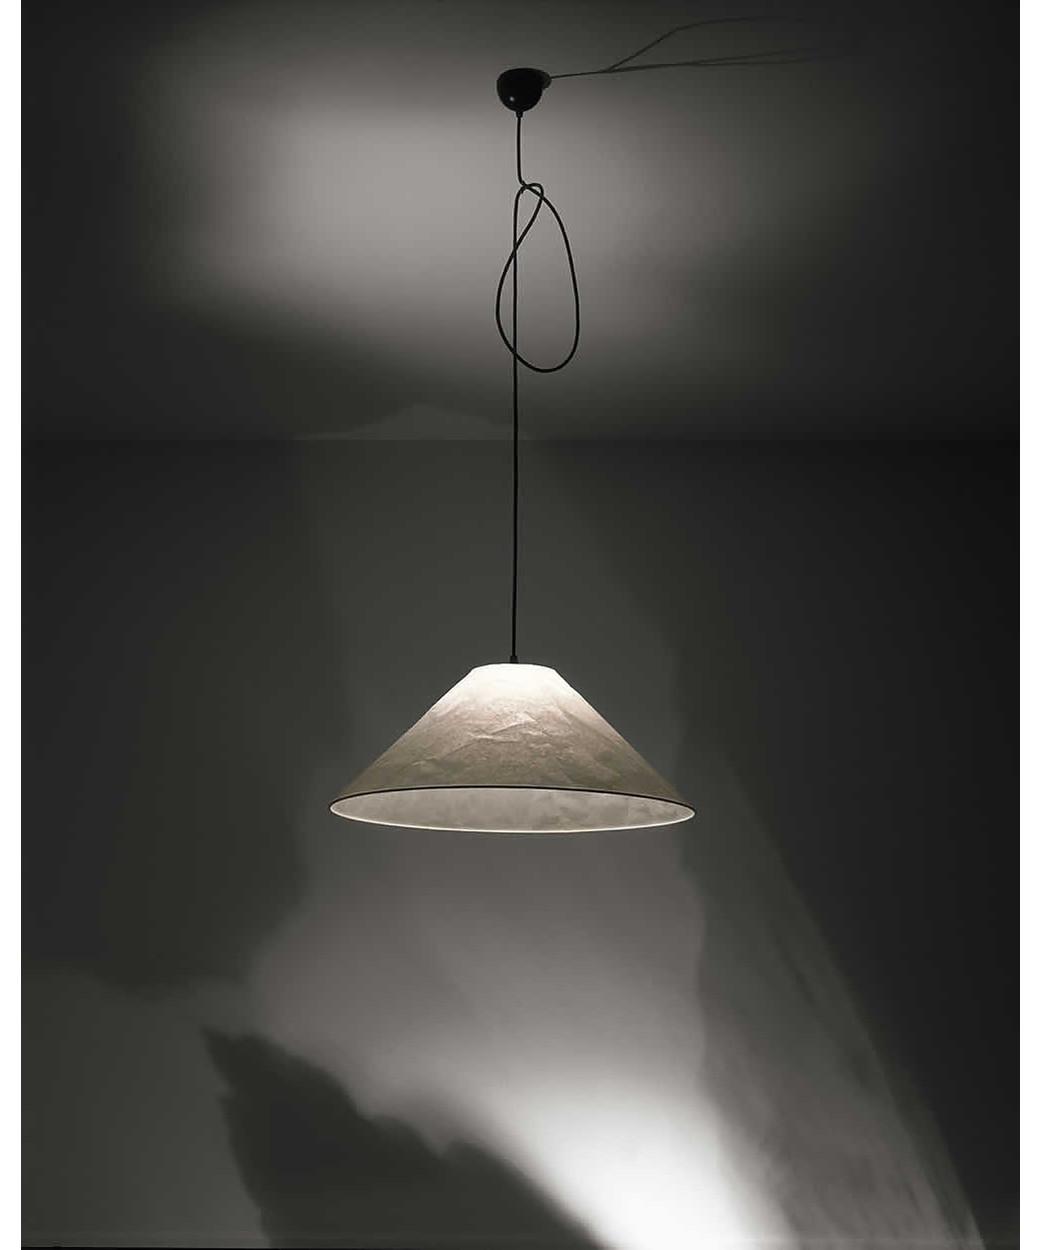 ingo maurer lampe cool original version with ingo maurer lampe top fr ingo maurer lampe lampen. Black Bedroom Furniture Sets. Home Design Ideas